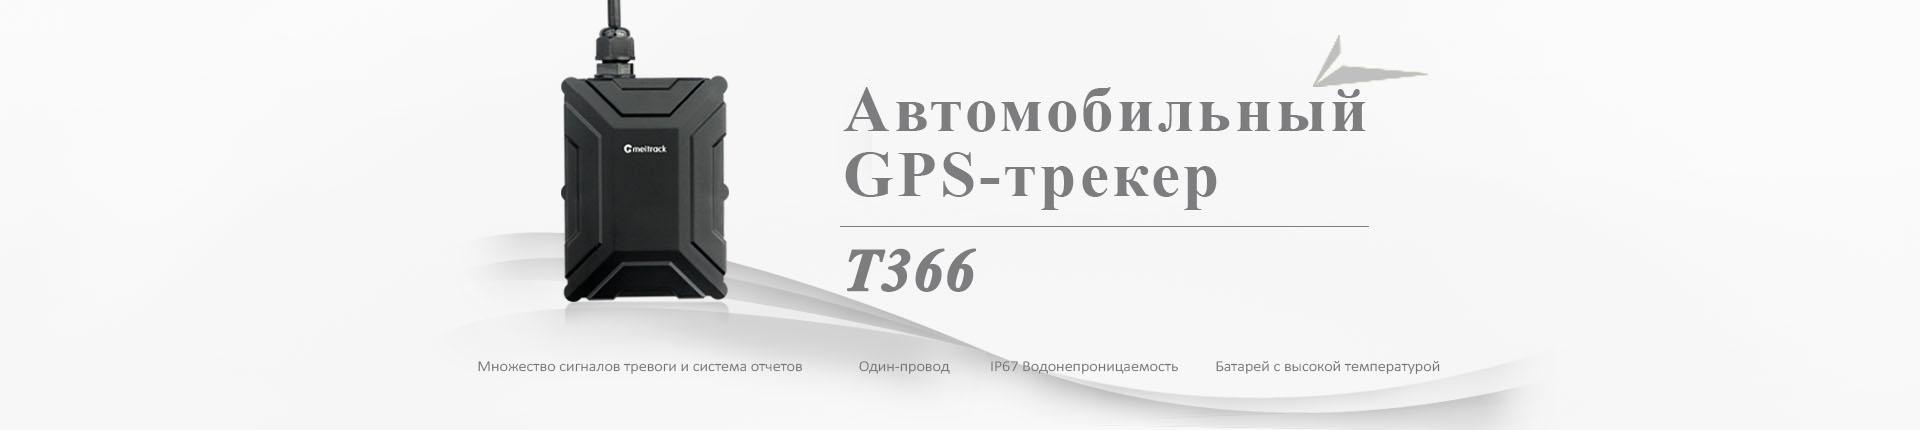 T366-T366G-Banner_ru